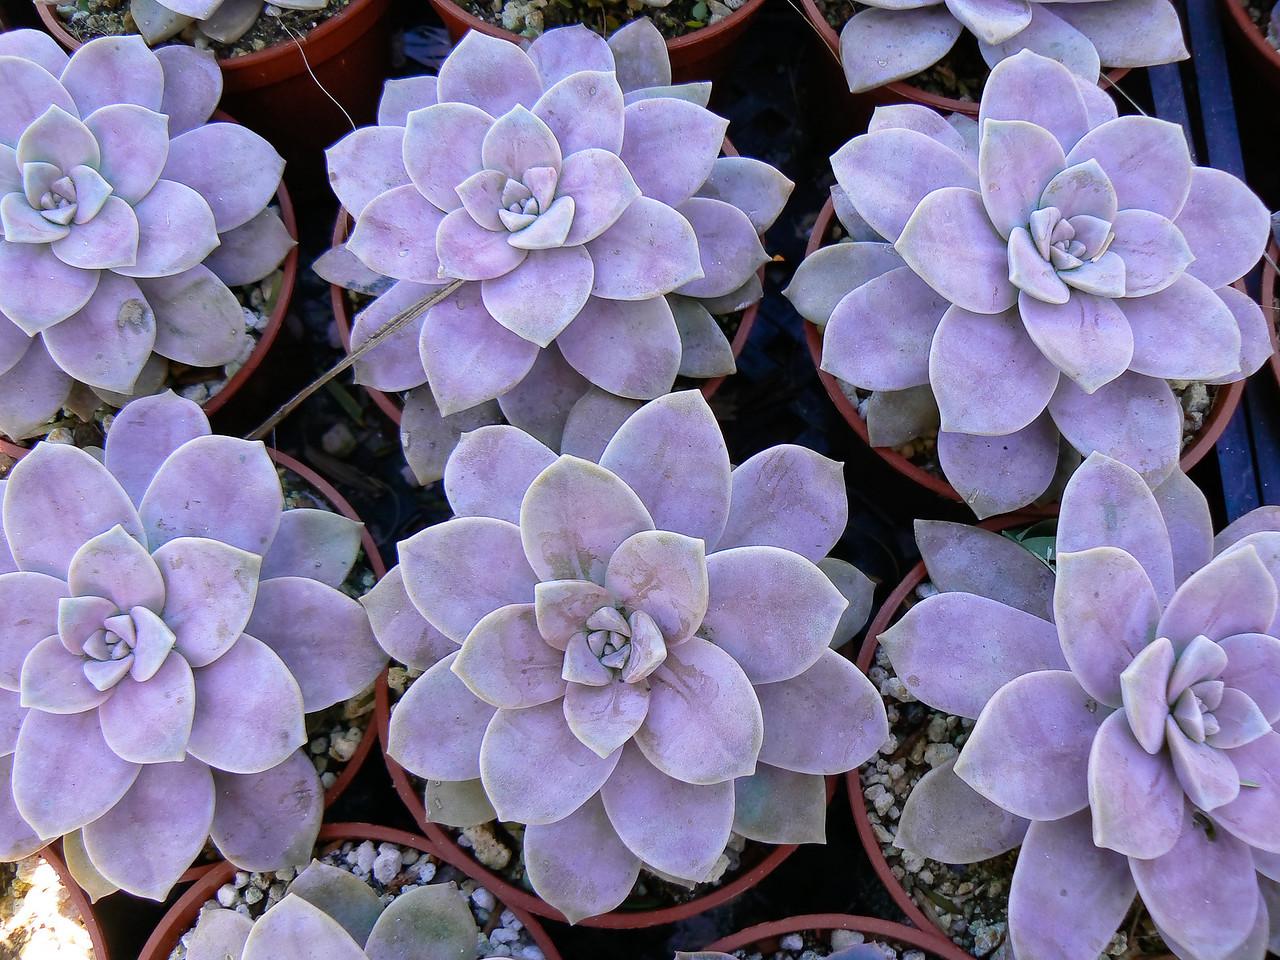 California: Cactus